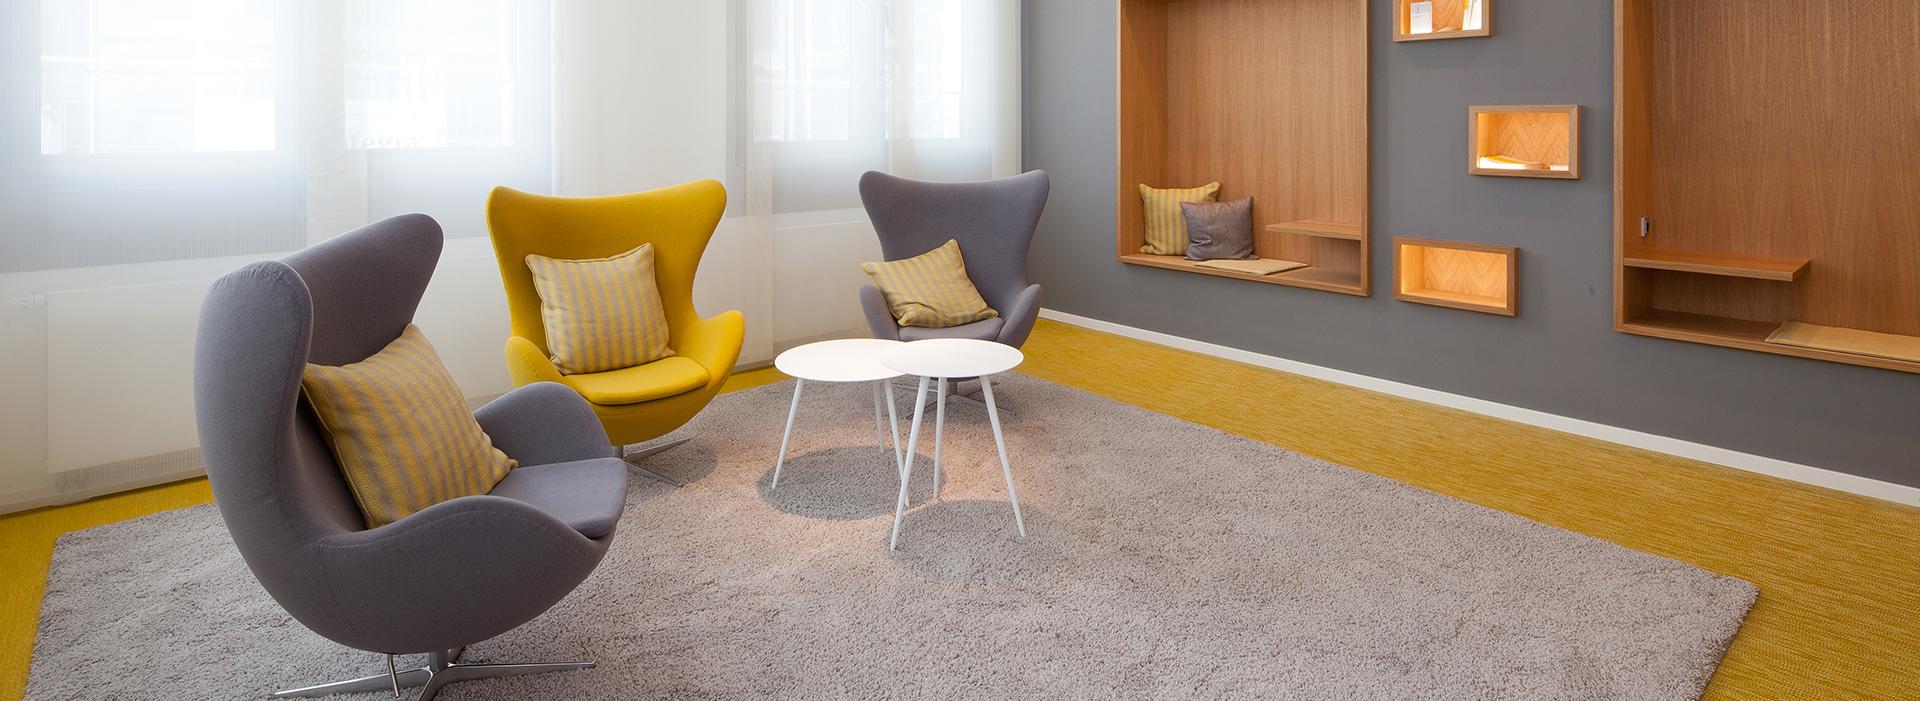 moderne arbeits und lebenswelten im hier und jetzt vital office hirschgarten vom. Black Bedroom Furniture Sets. Home Design Ideas